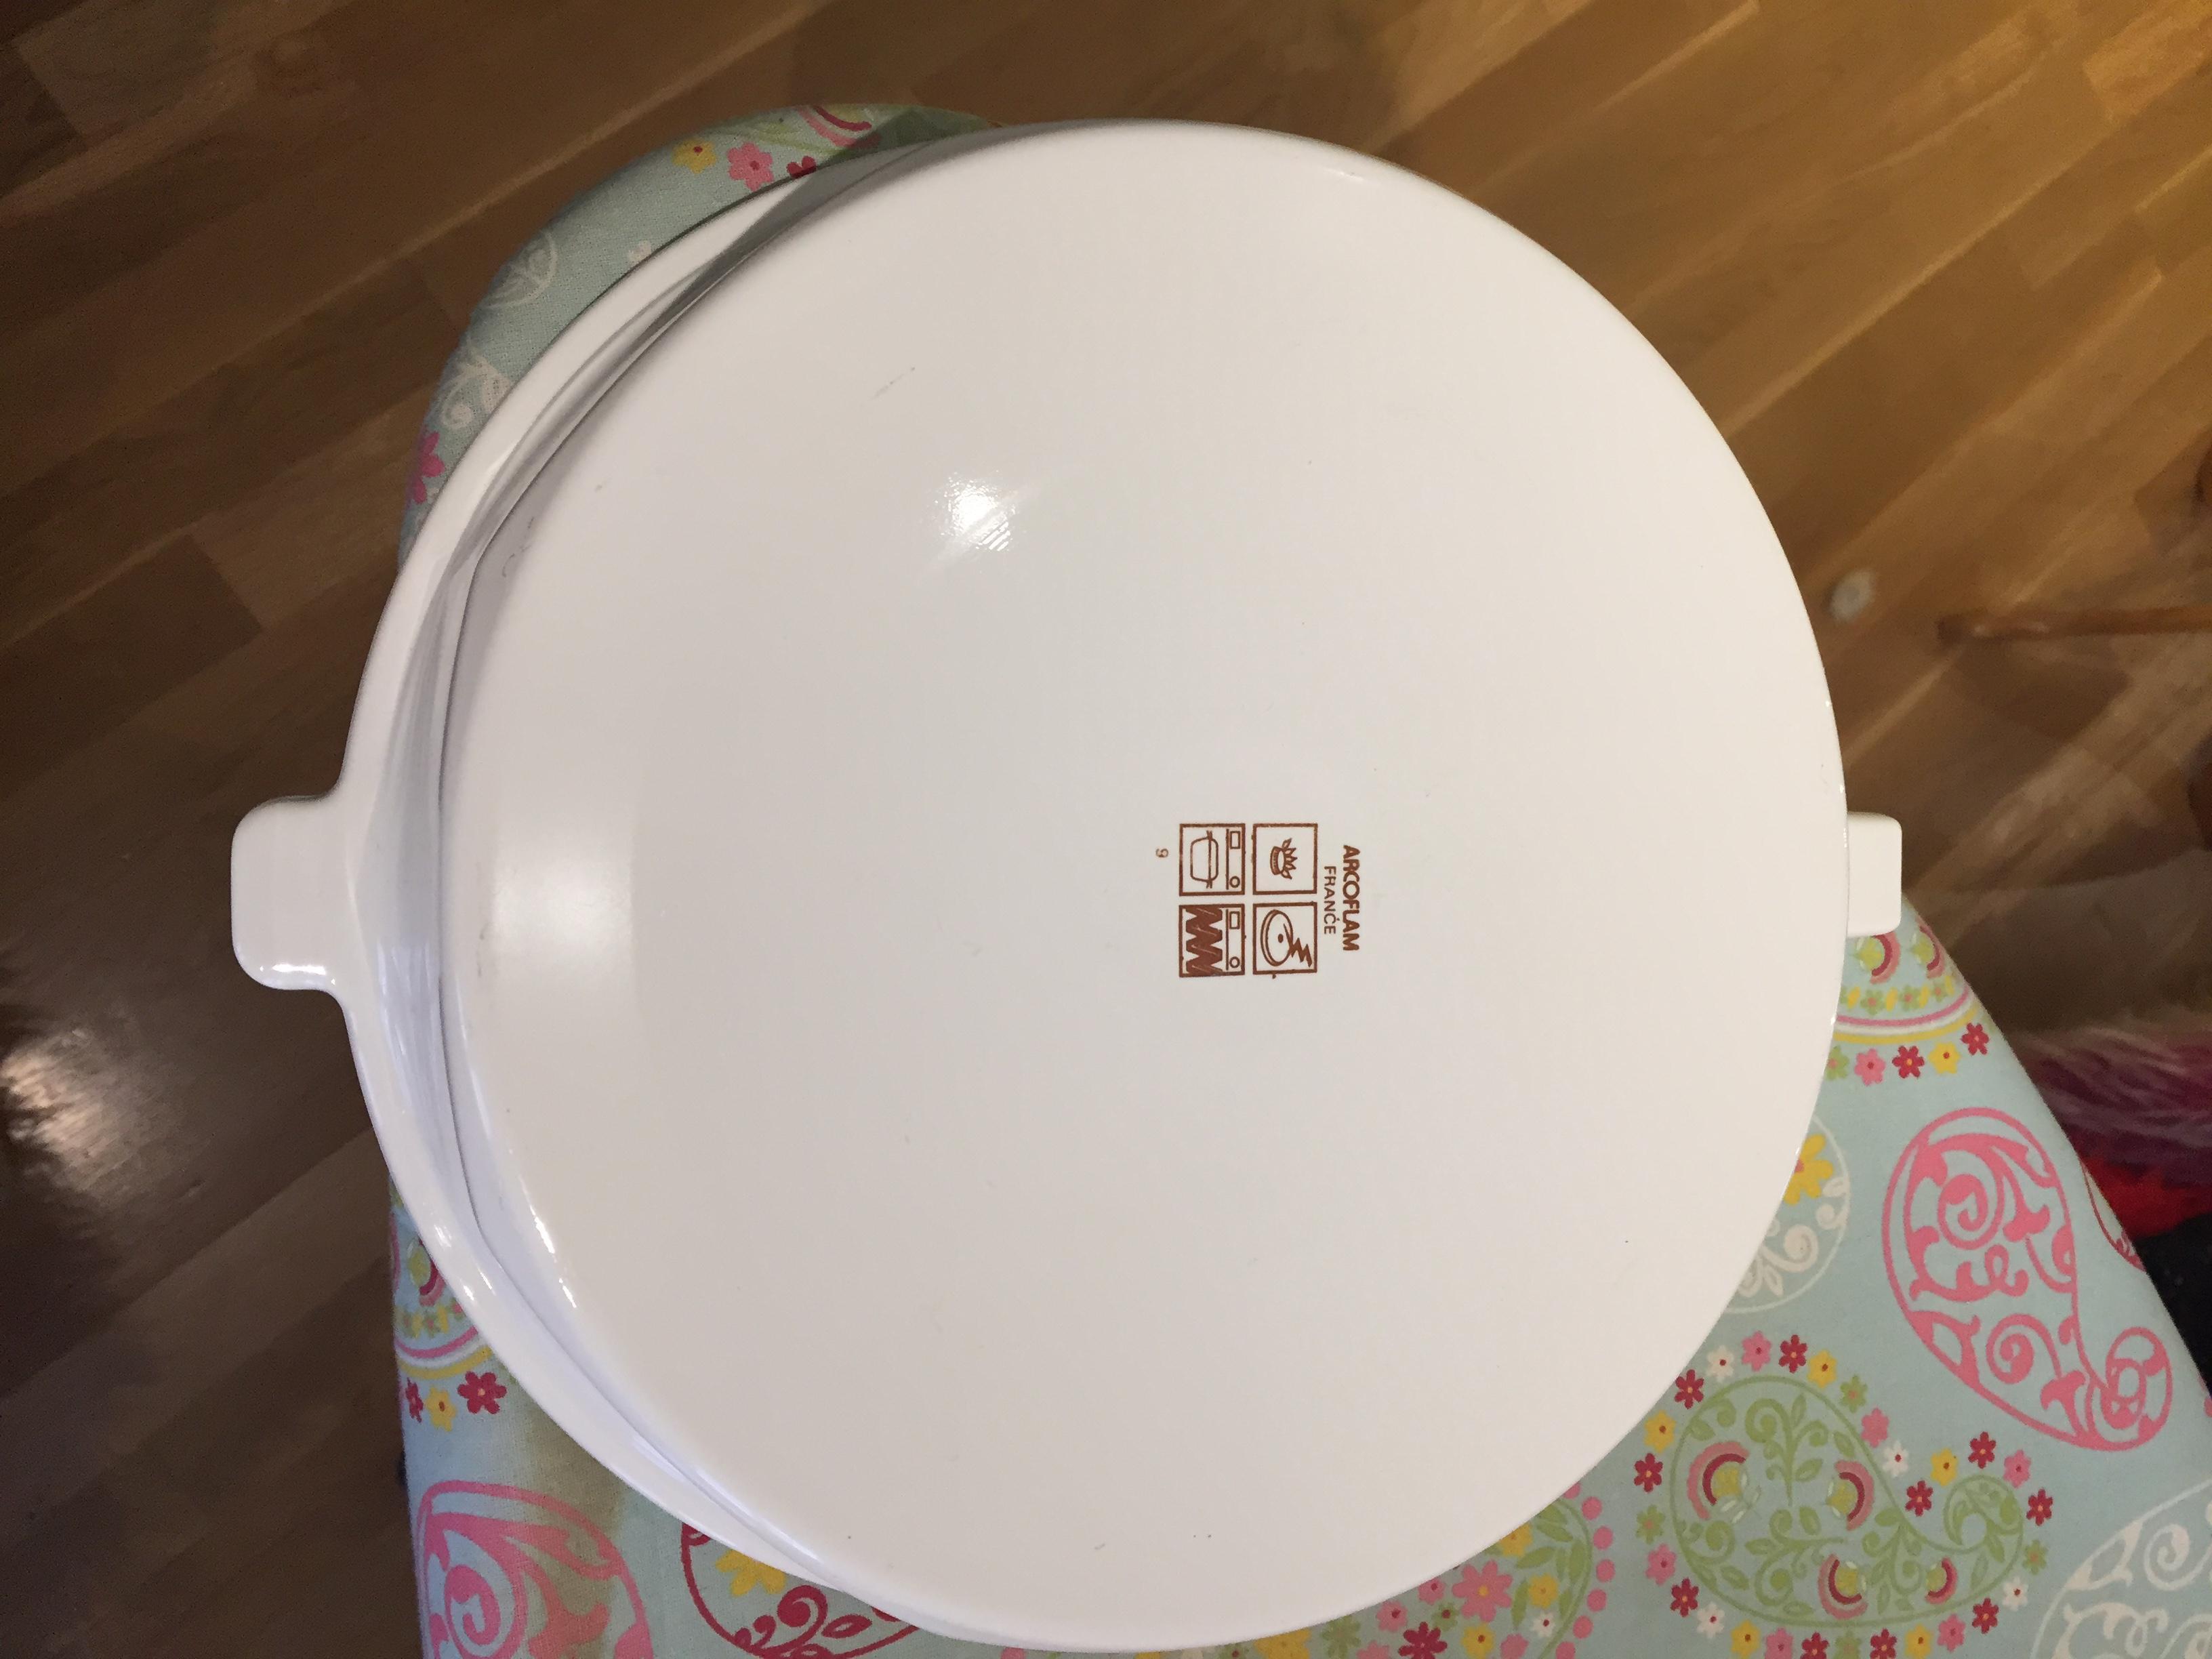 troc de troc plat blanc arcoflam image 0